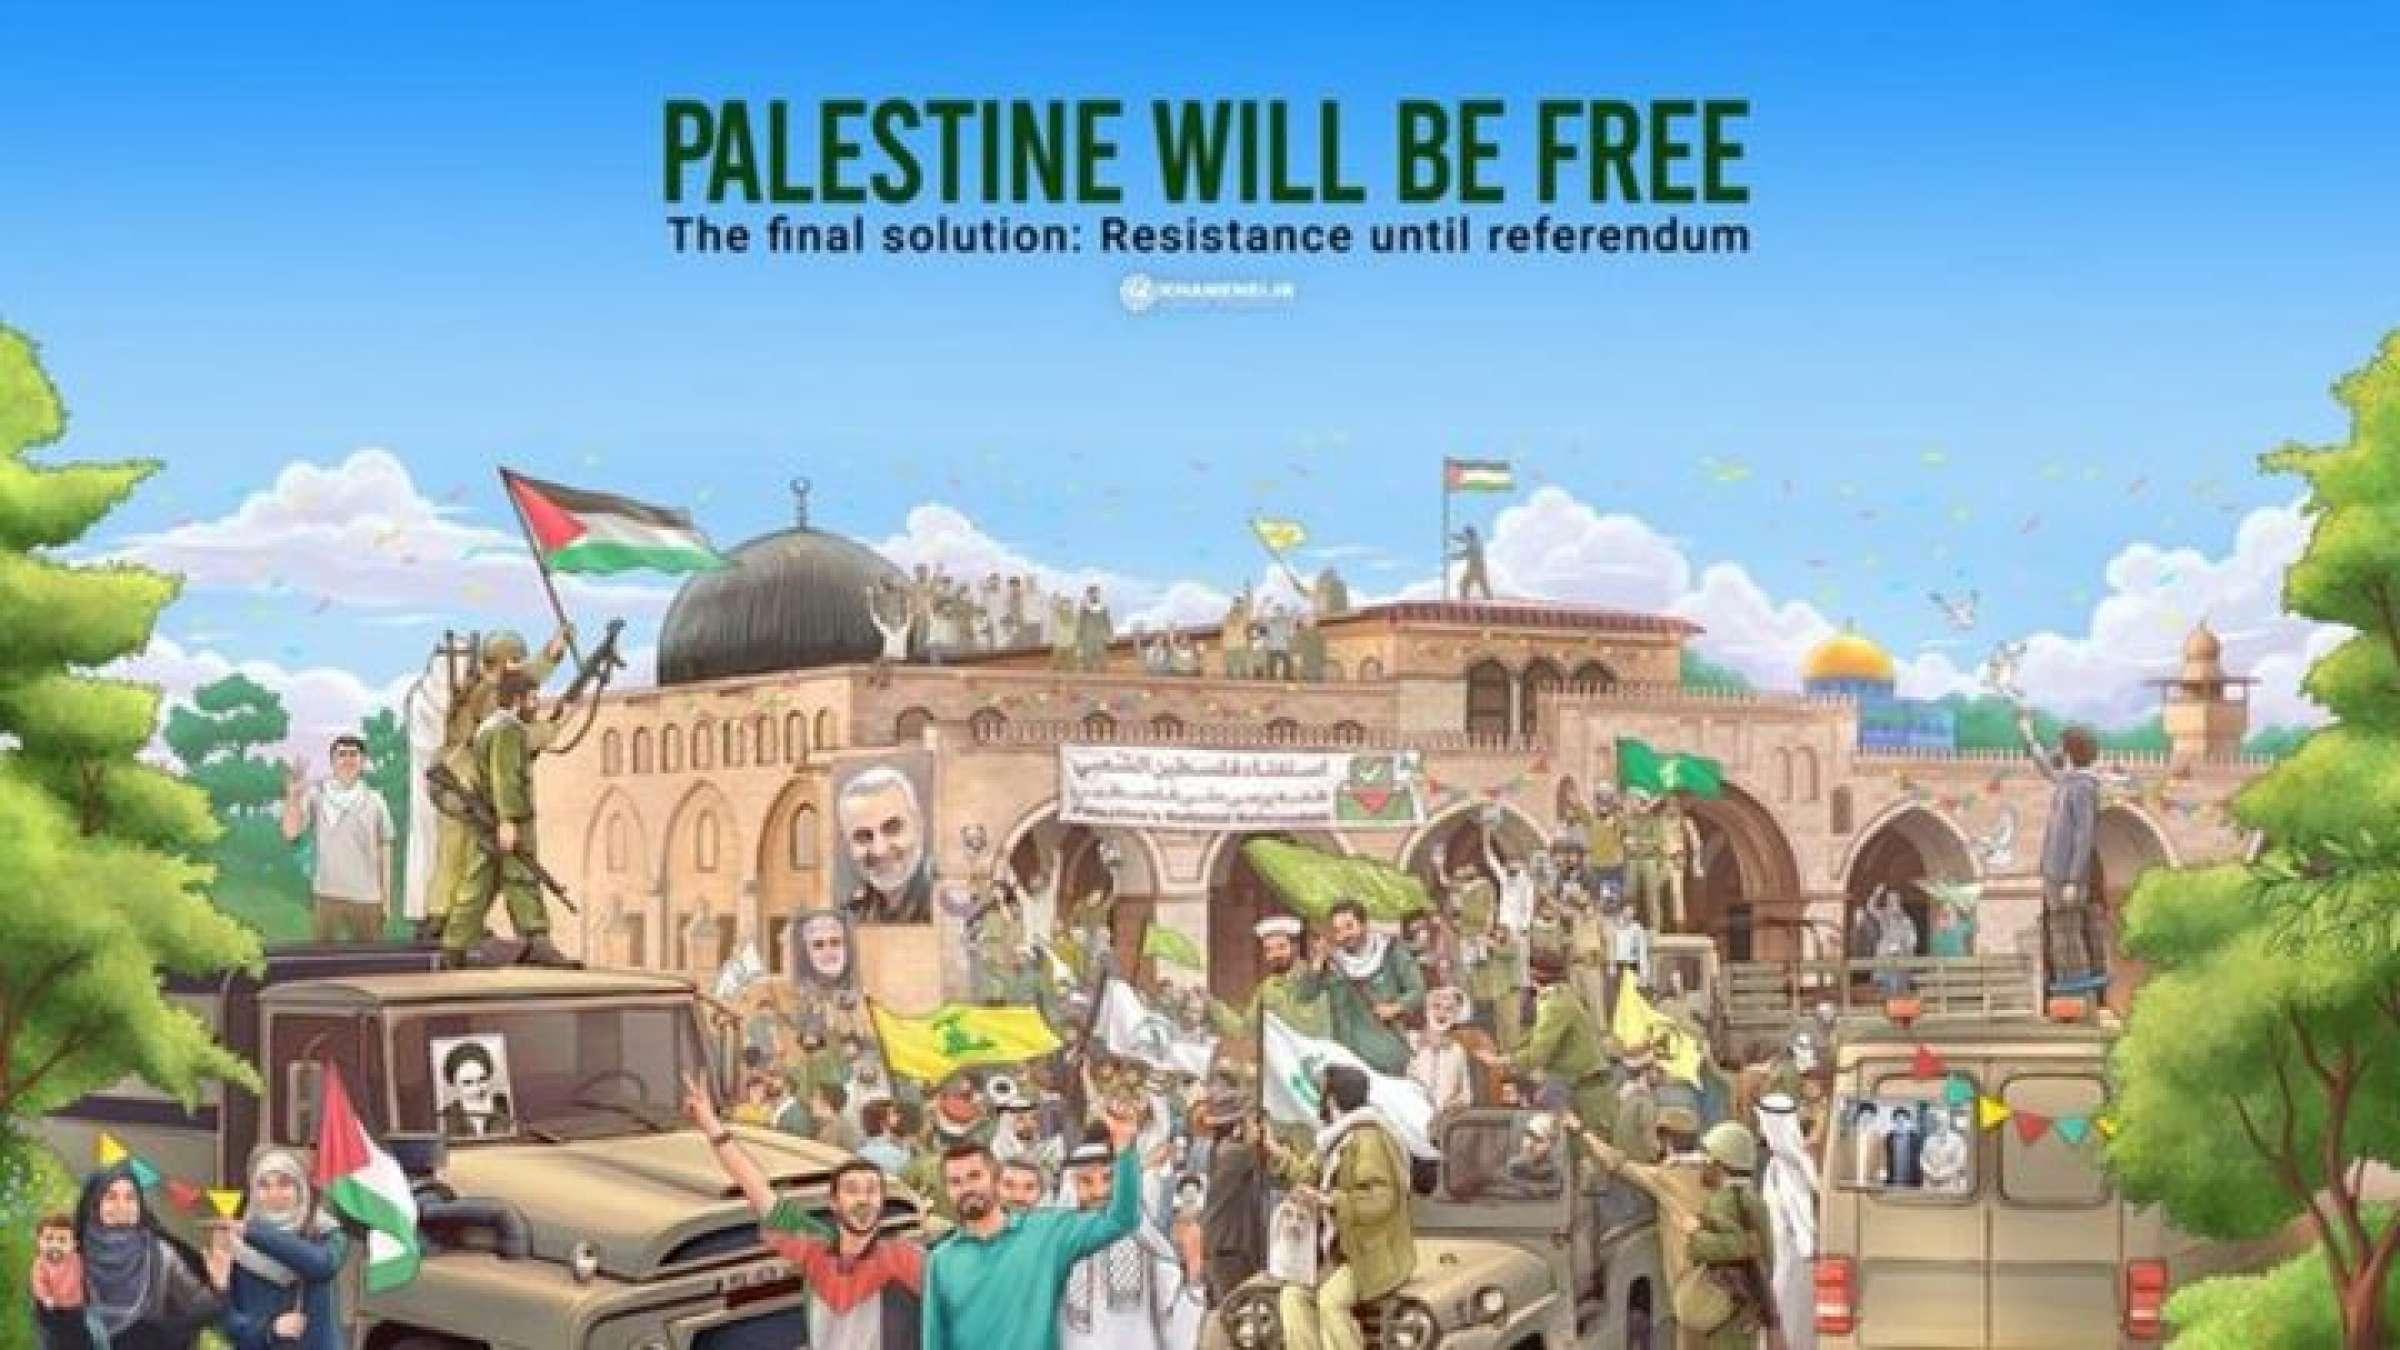 دومین-اصلاحیه-جمهوری-اسلامی-درباره-اسرائیل-در-کمتر-از-یک-هفته-آیا-تمرکز-عالی-ترین-سطح-مدیریتی-جمهوری-اسلامی-همچنان-برقرار-است-